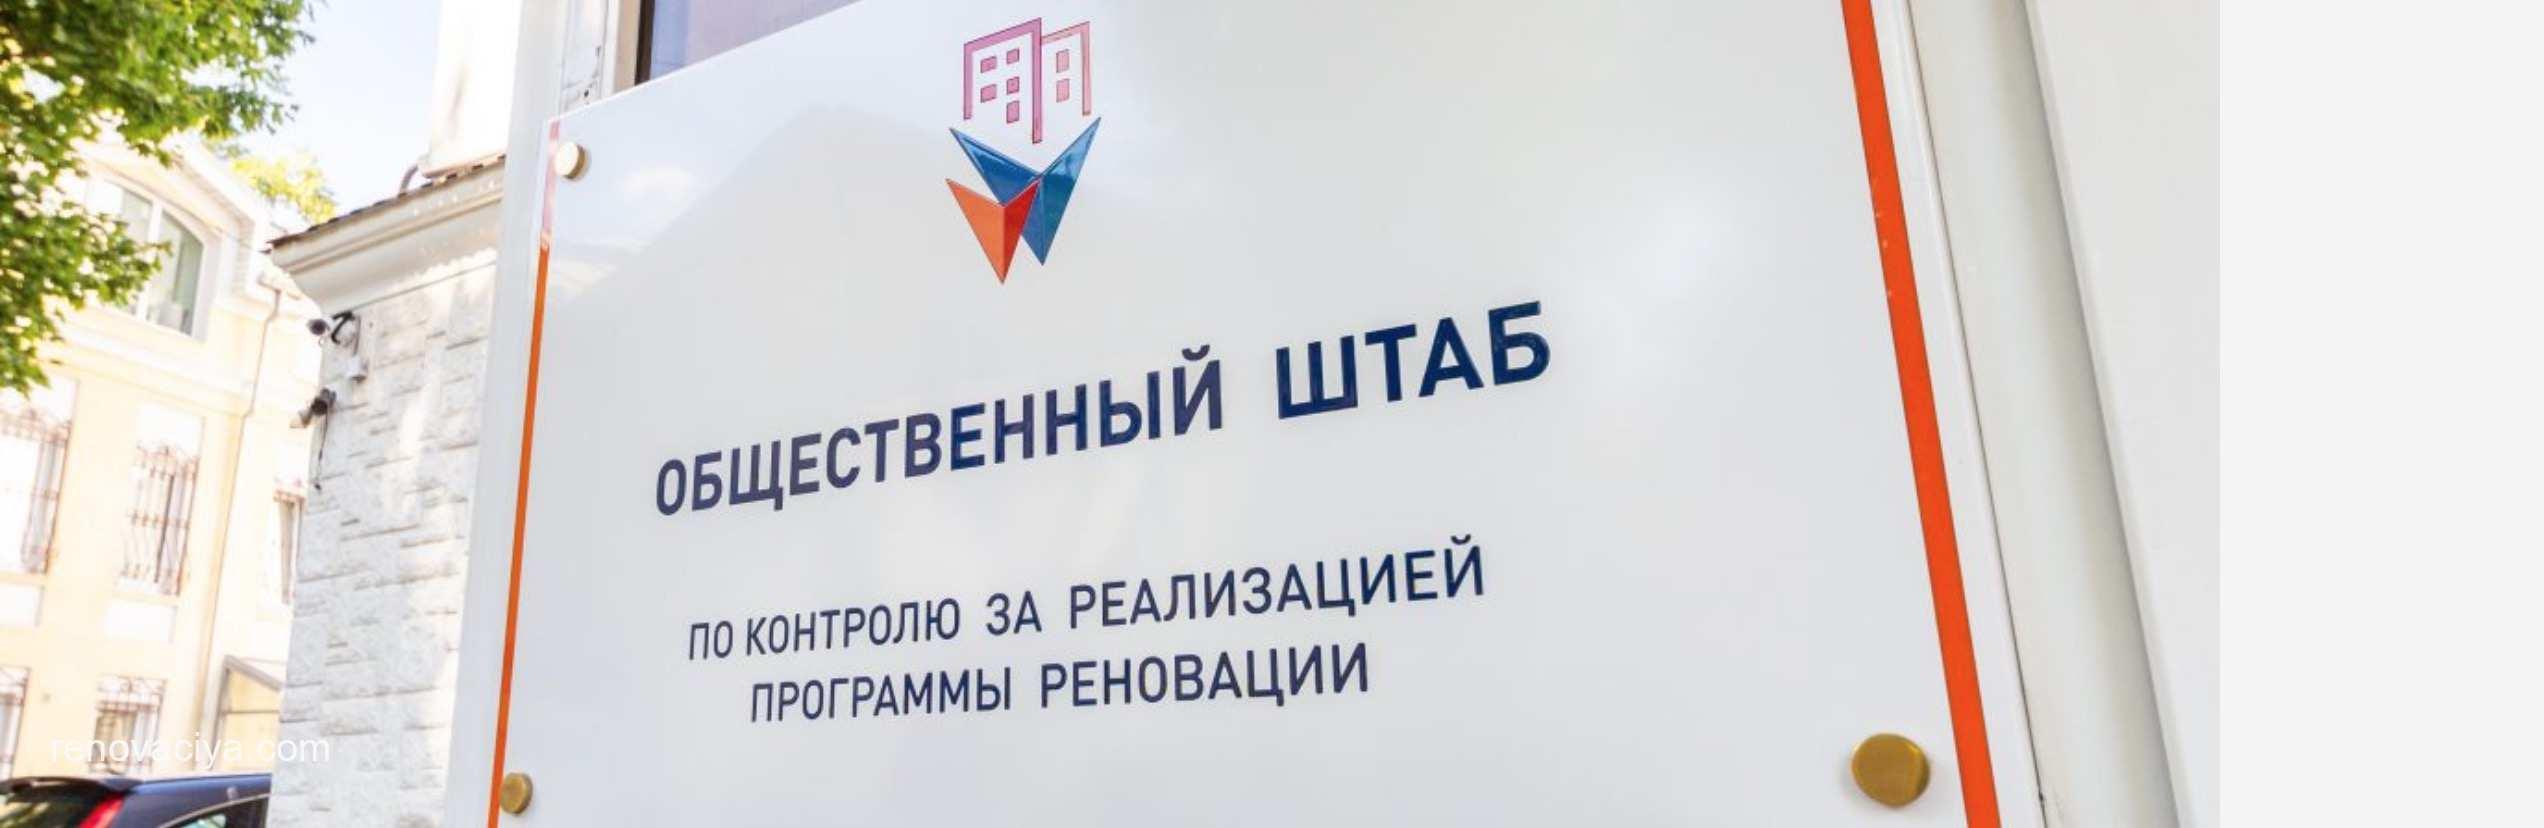 консультация москвичей по вопросам докупки метров жилья